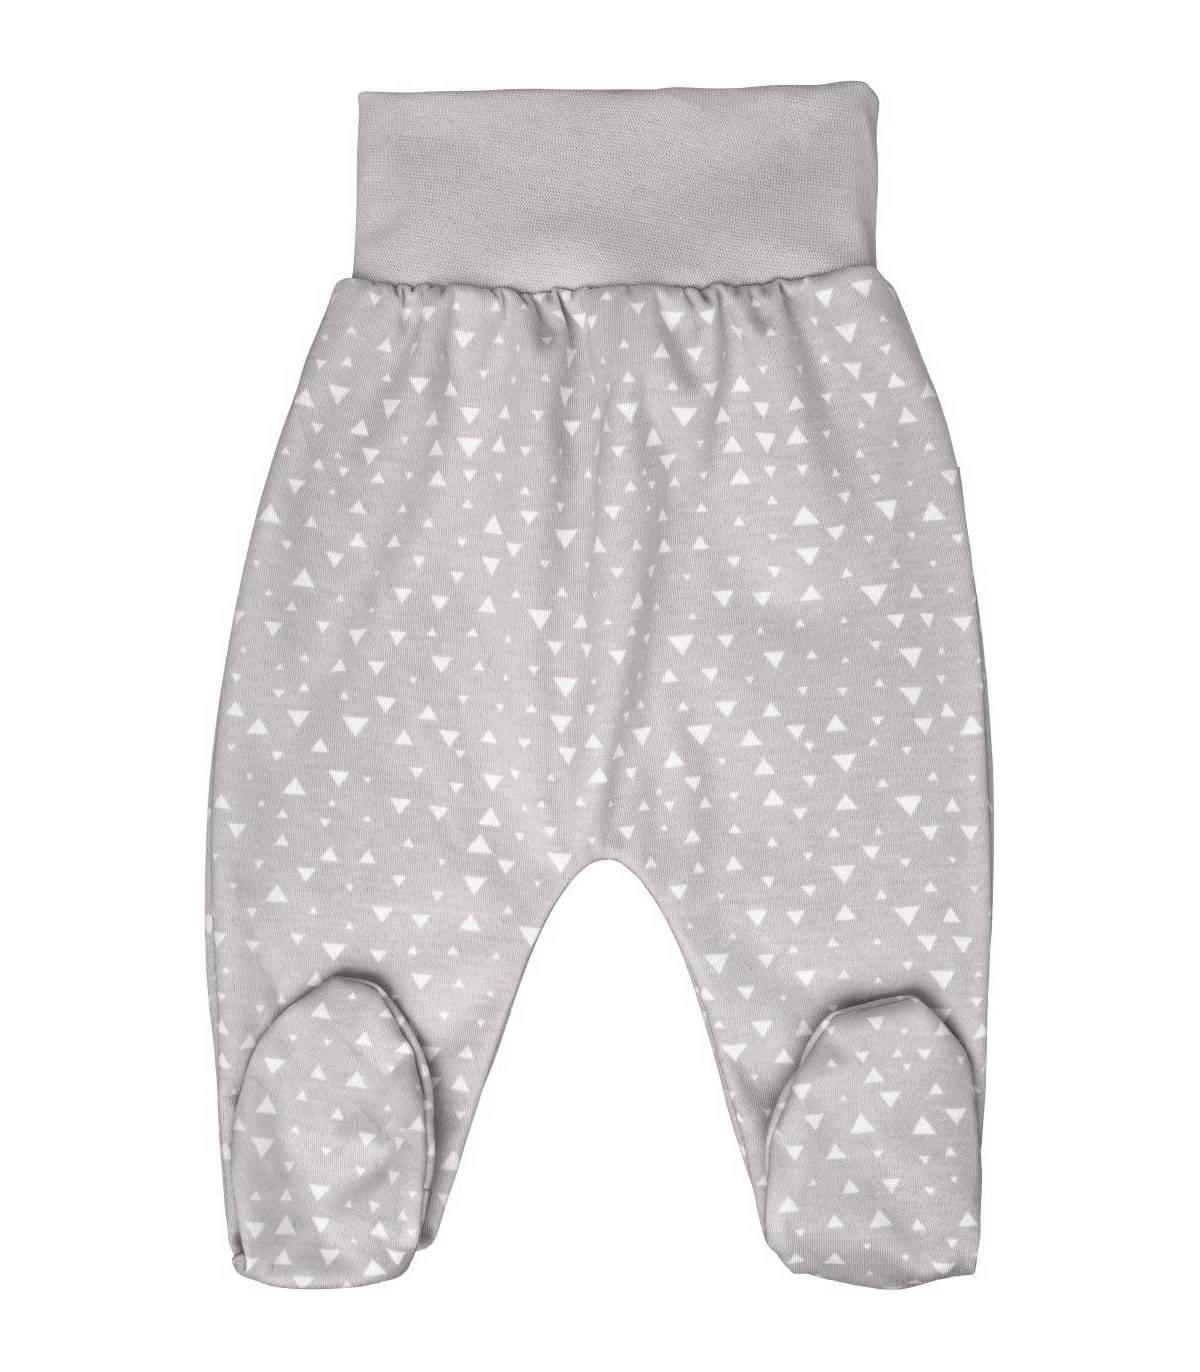 Zewi Bébé-Jou Baby-Pant (Strampelhöschen) Grau